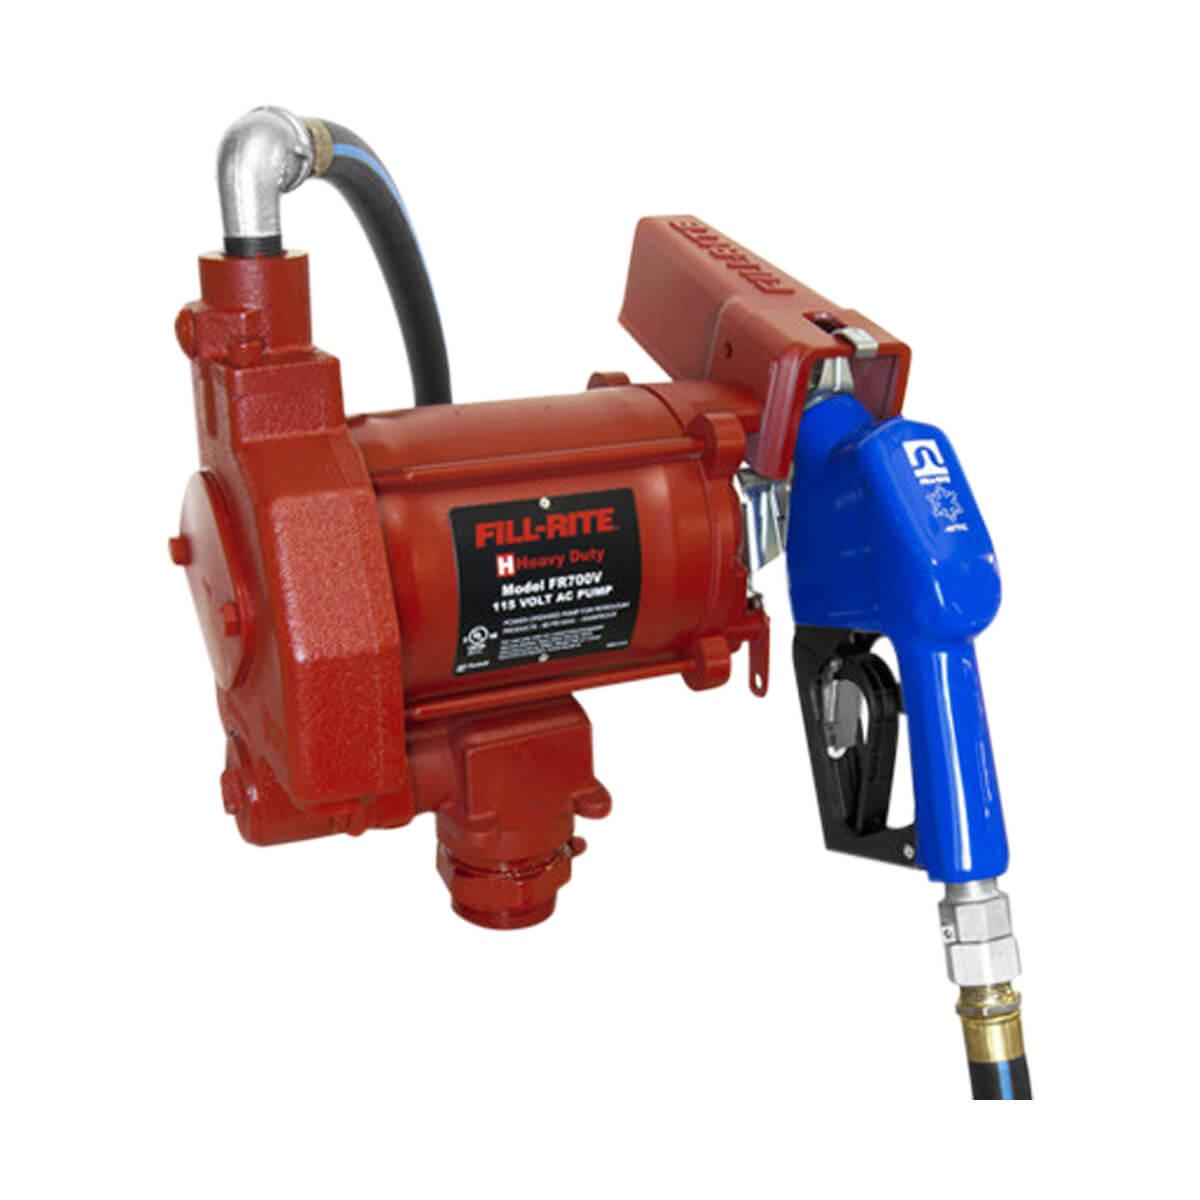 Fill-Rite 115V AC Arctic Fuel Pump